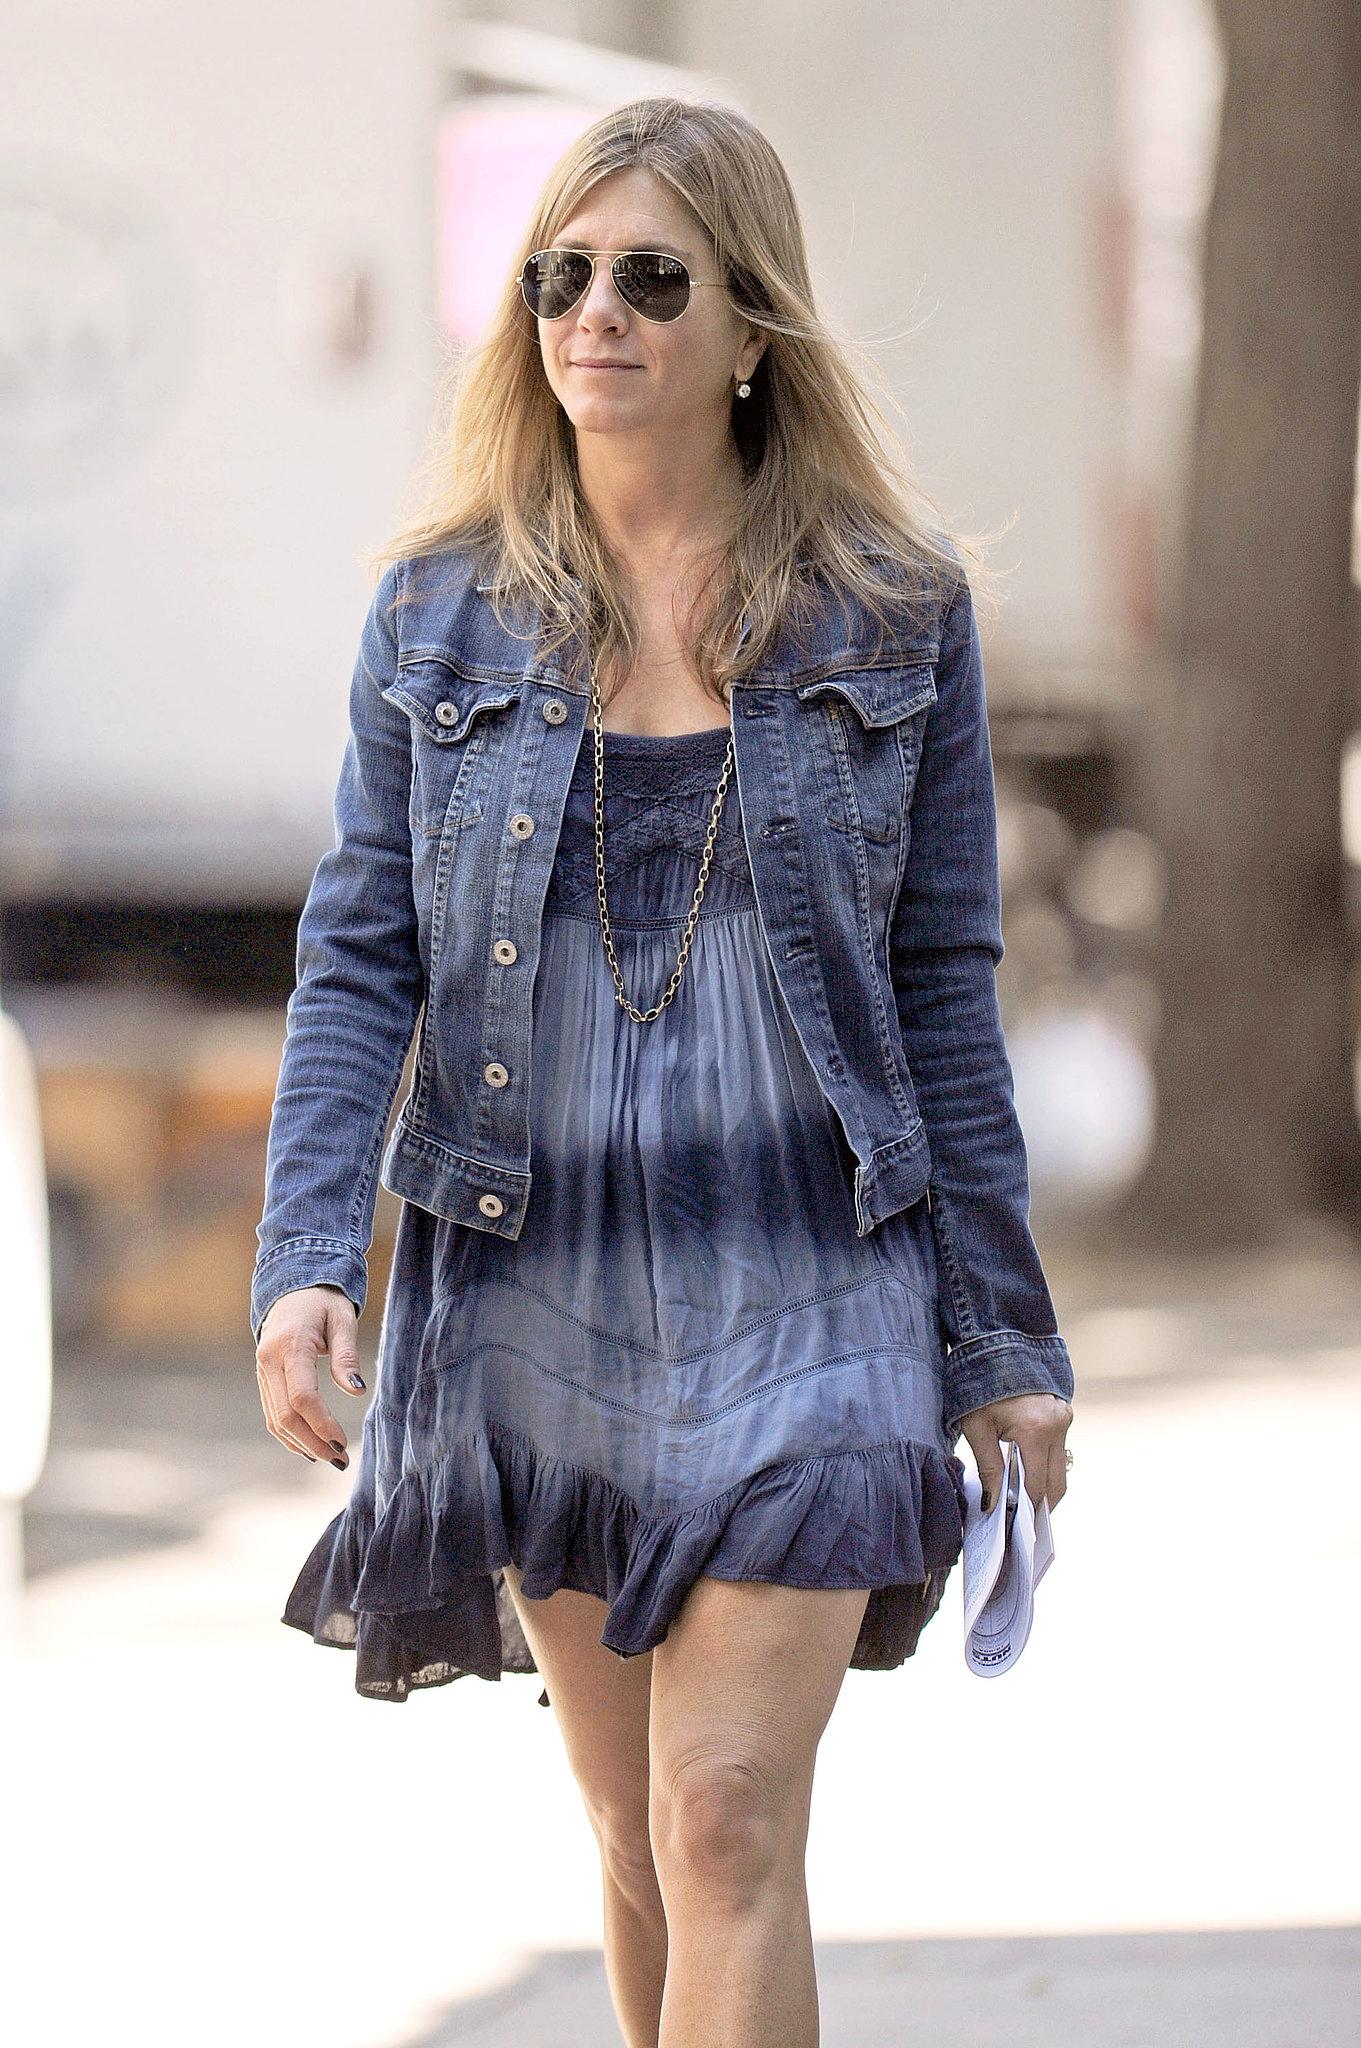 Jennifer Aniston flashed a smile on July 30.